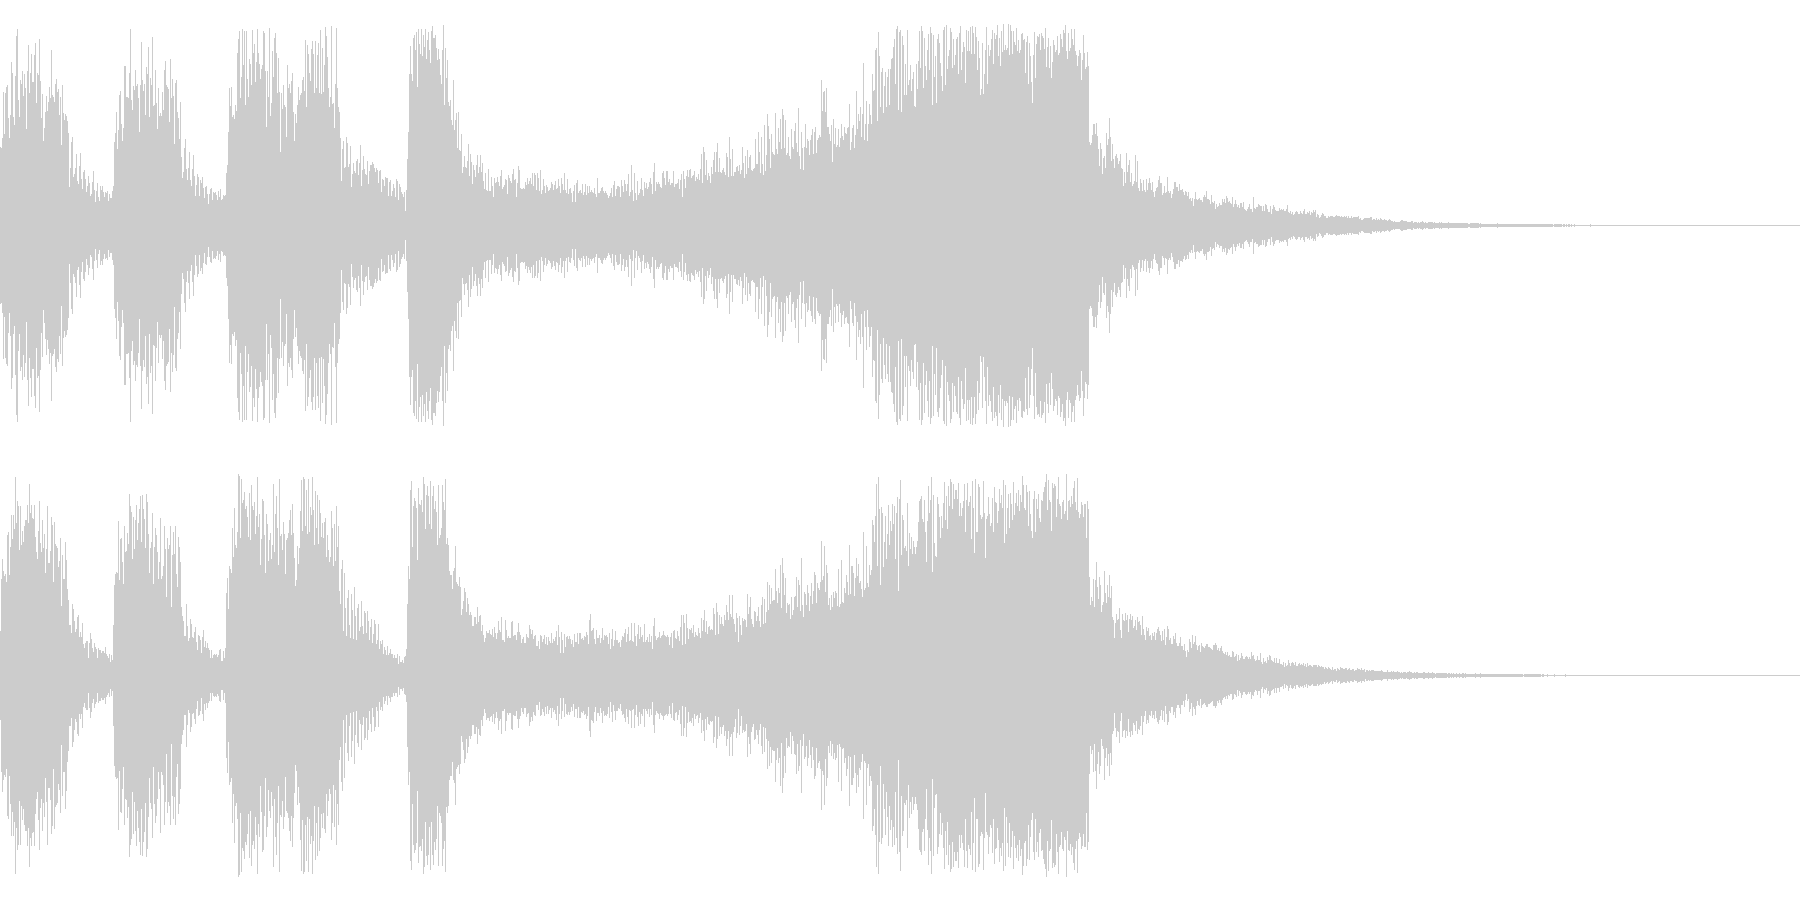 マリンバとブラスのファンファーレの未再生の波形